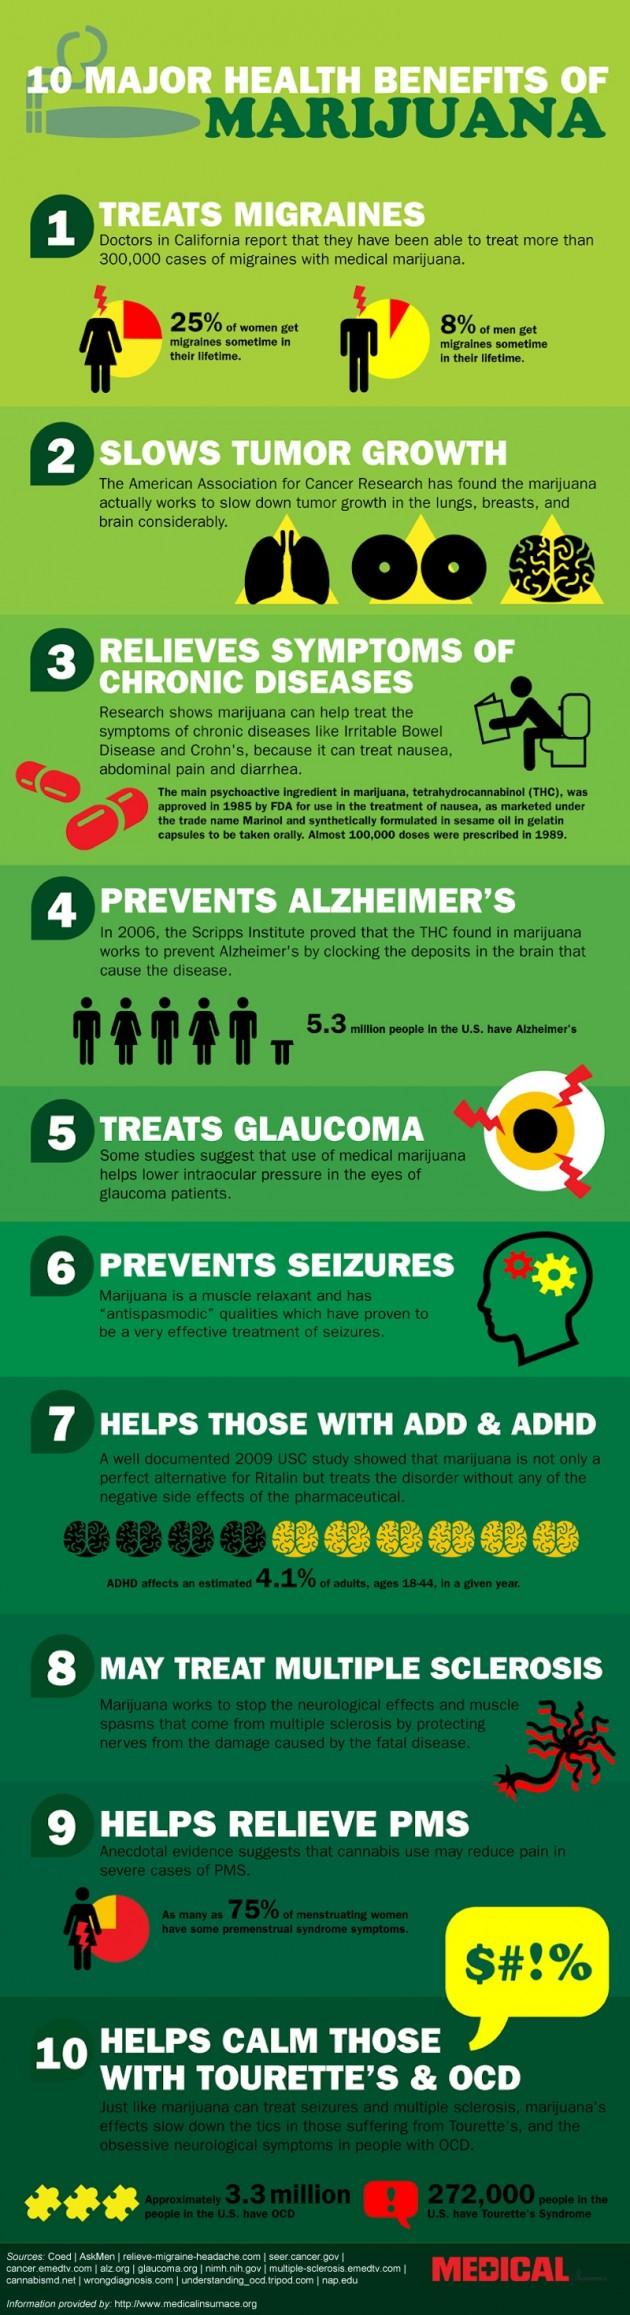 10-major-health-benefits-of-marijuana_5029110c82d40